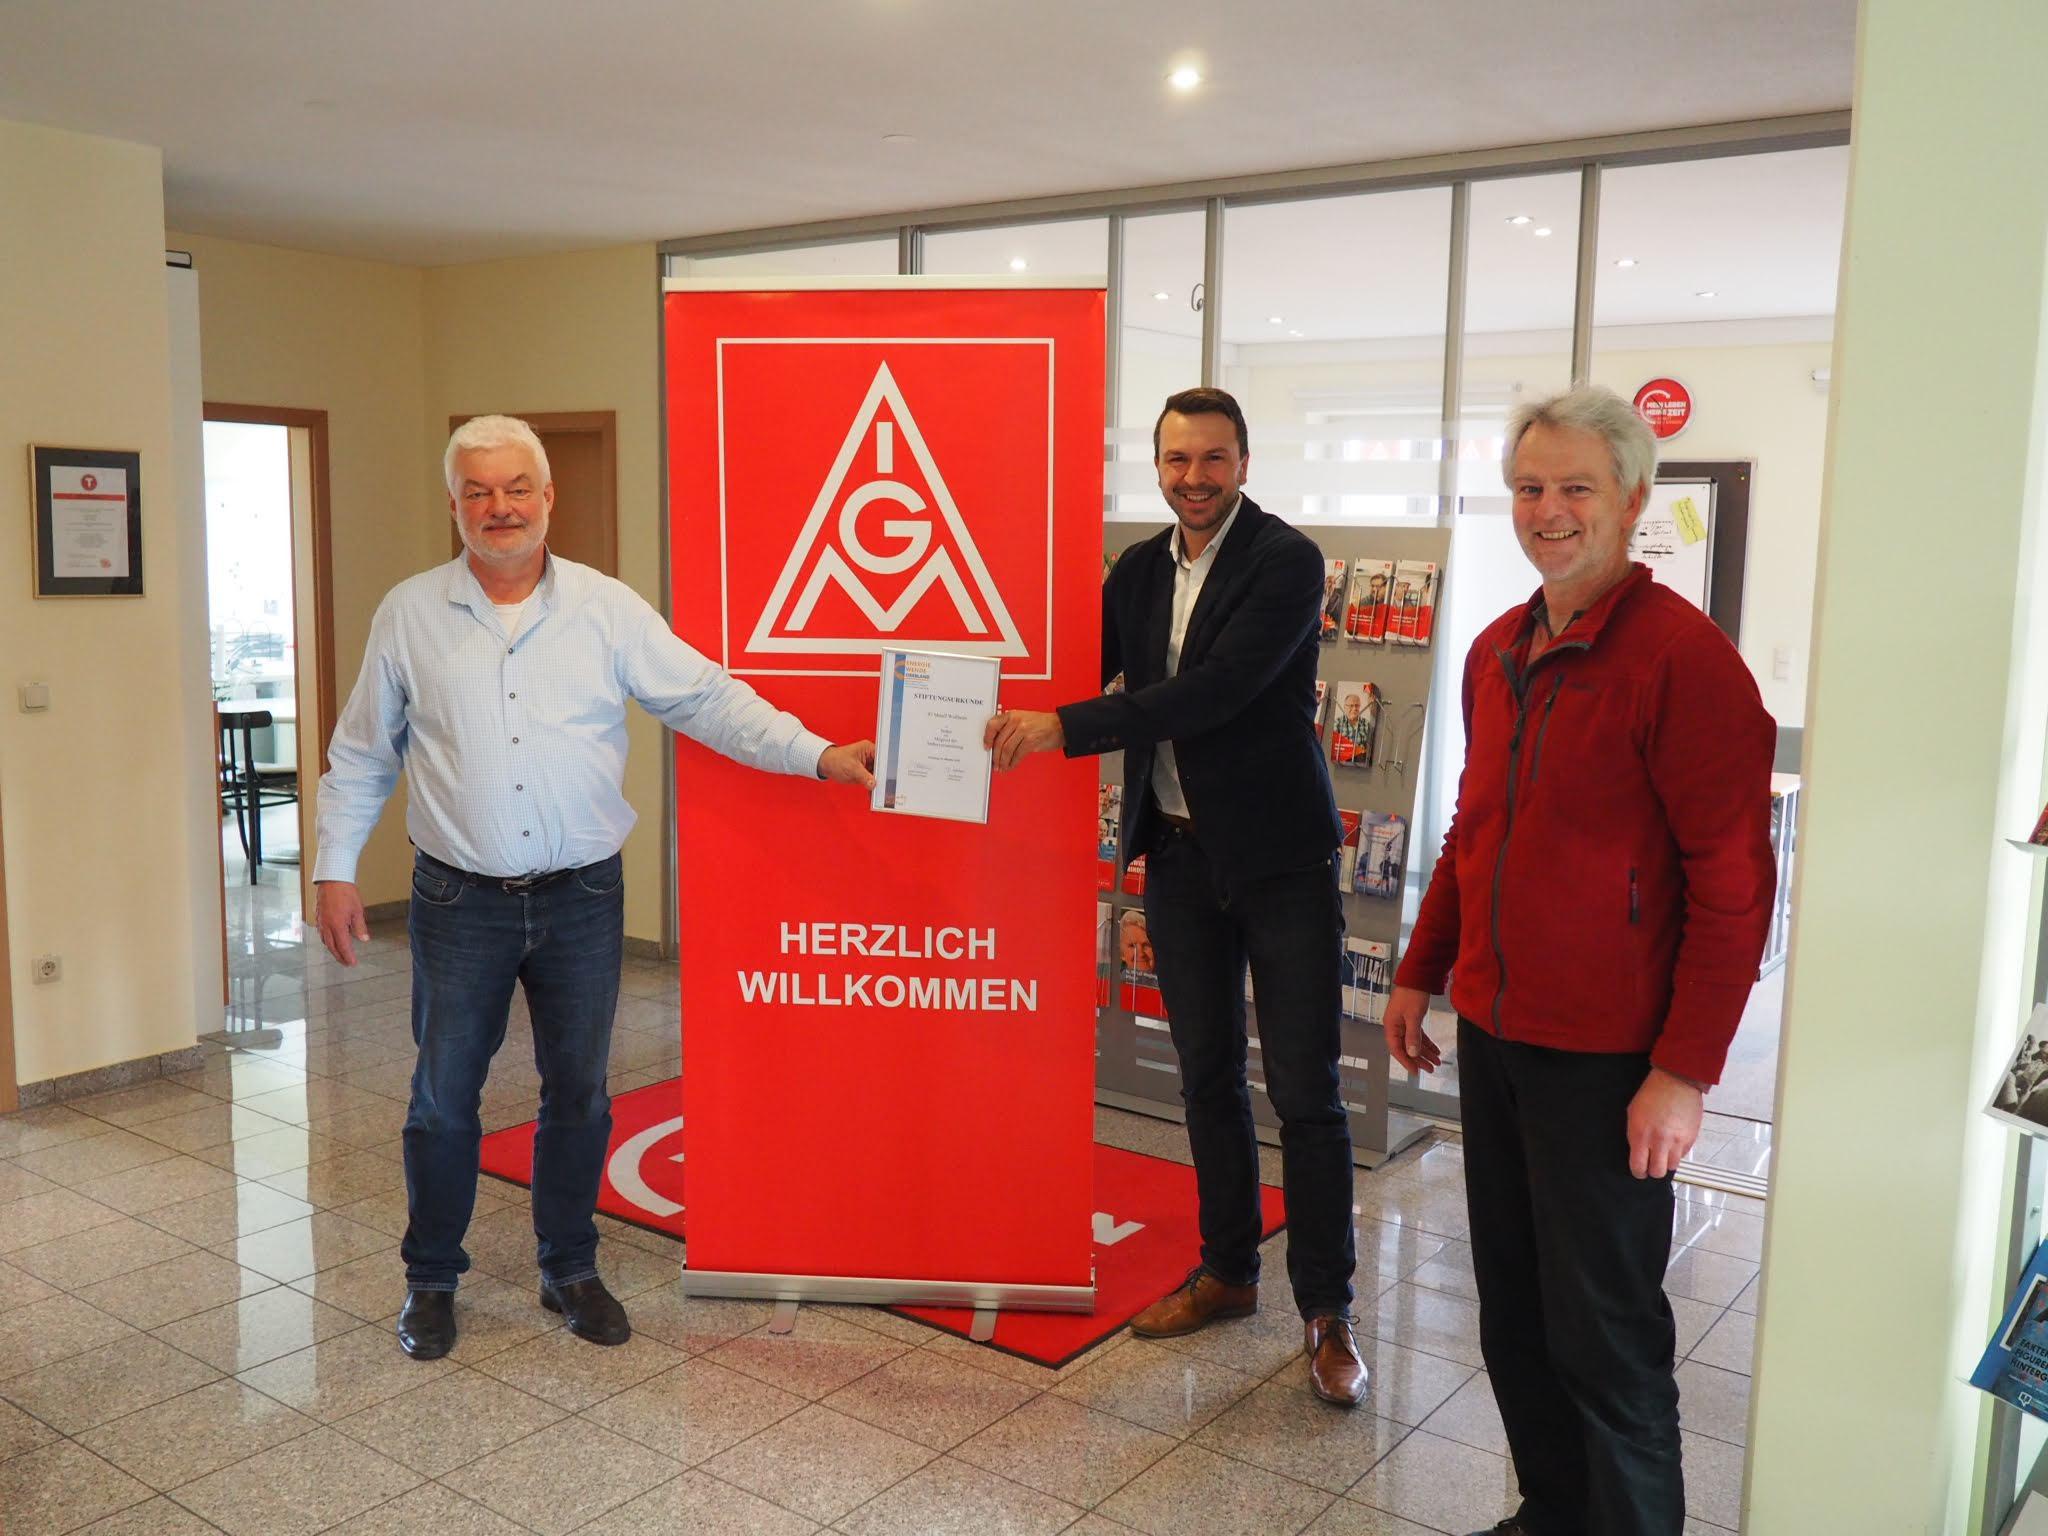 v.l. Helmut Dinter (1. Bevollmächtigter, IG Metall Weilheim), Stefan Drexlmeier (Vorstandsvorsitzender Energiewende Oberland), Andreas Scharli (Energiemanager Energiewende Oberland)